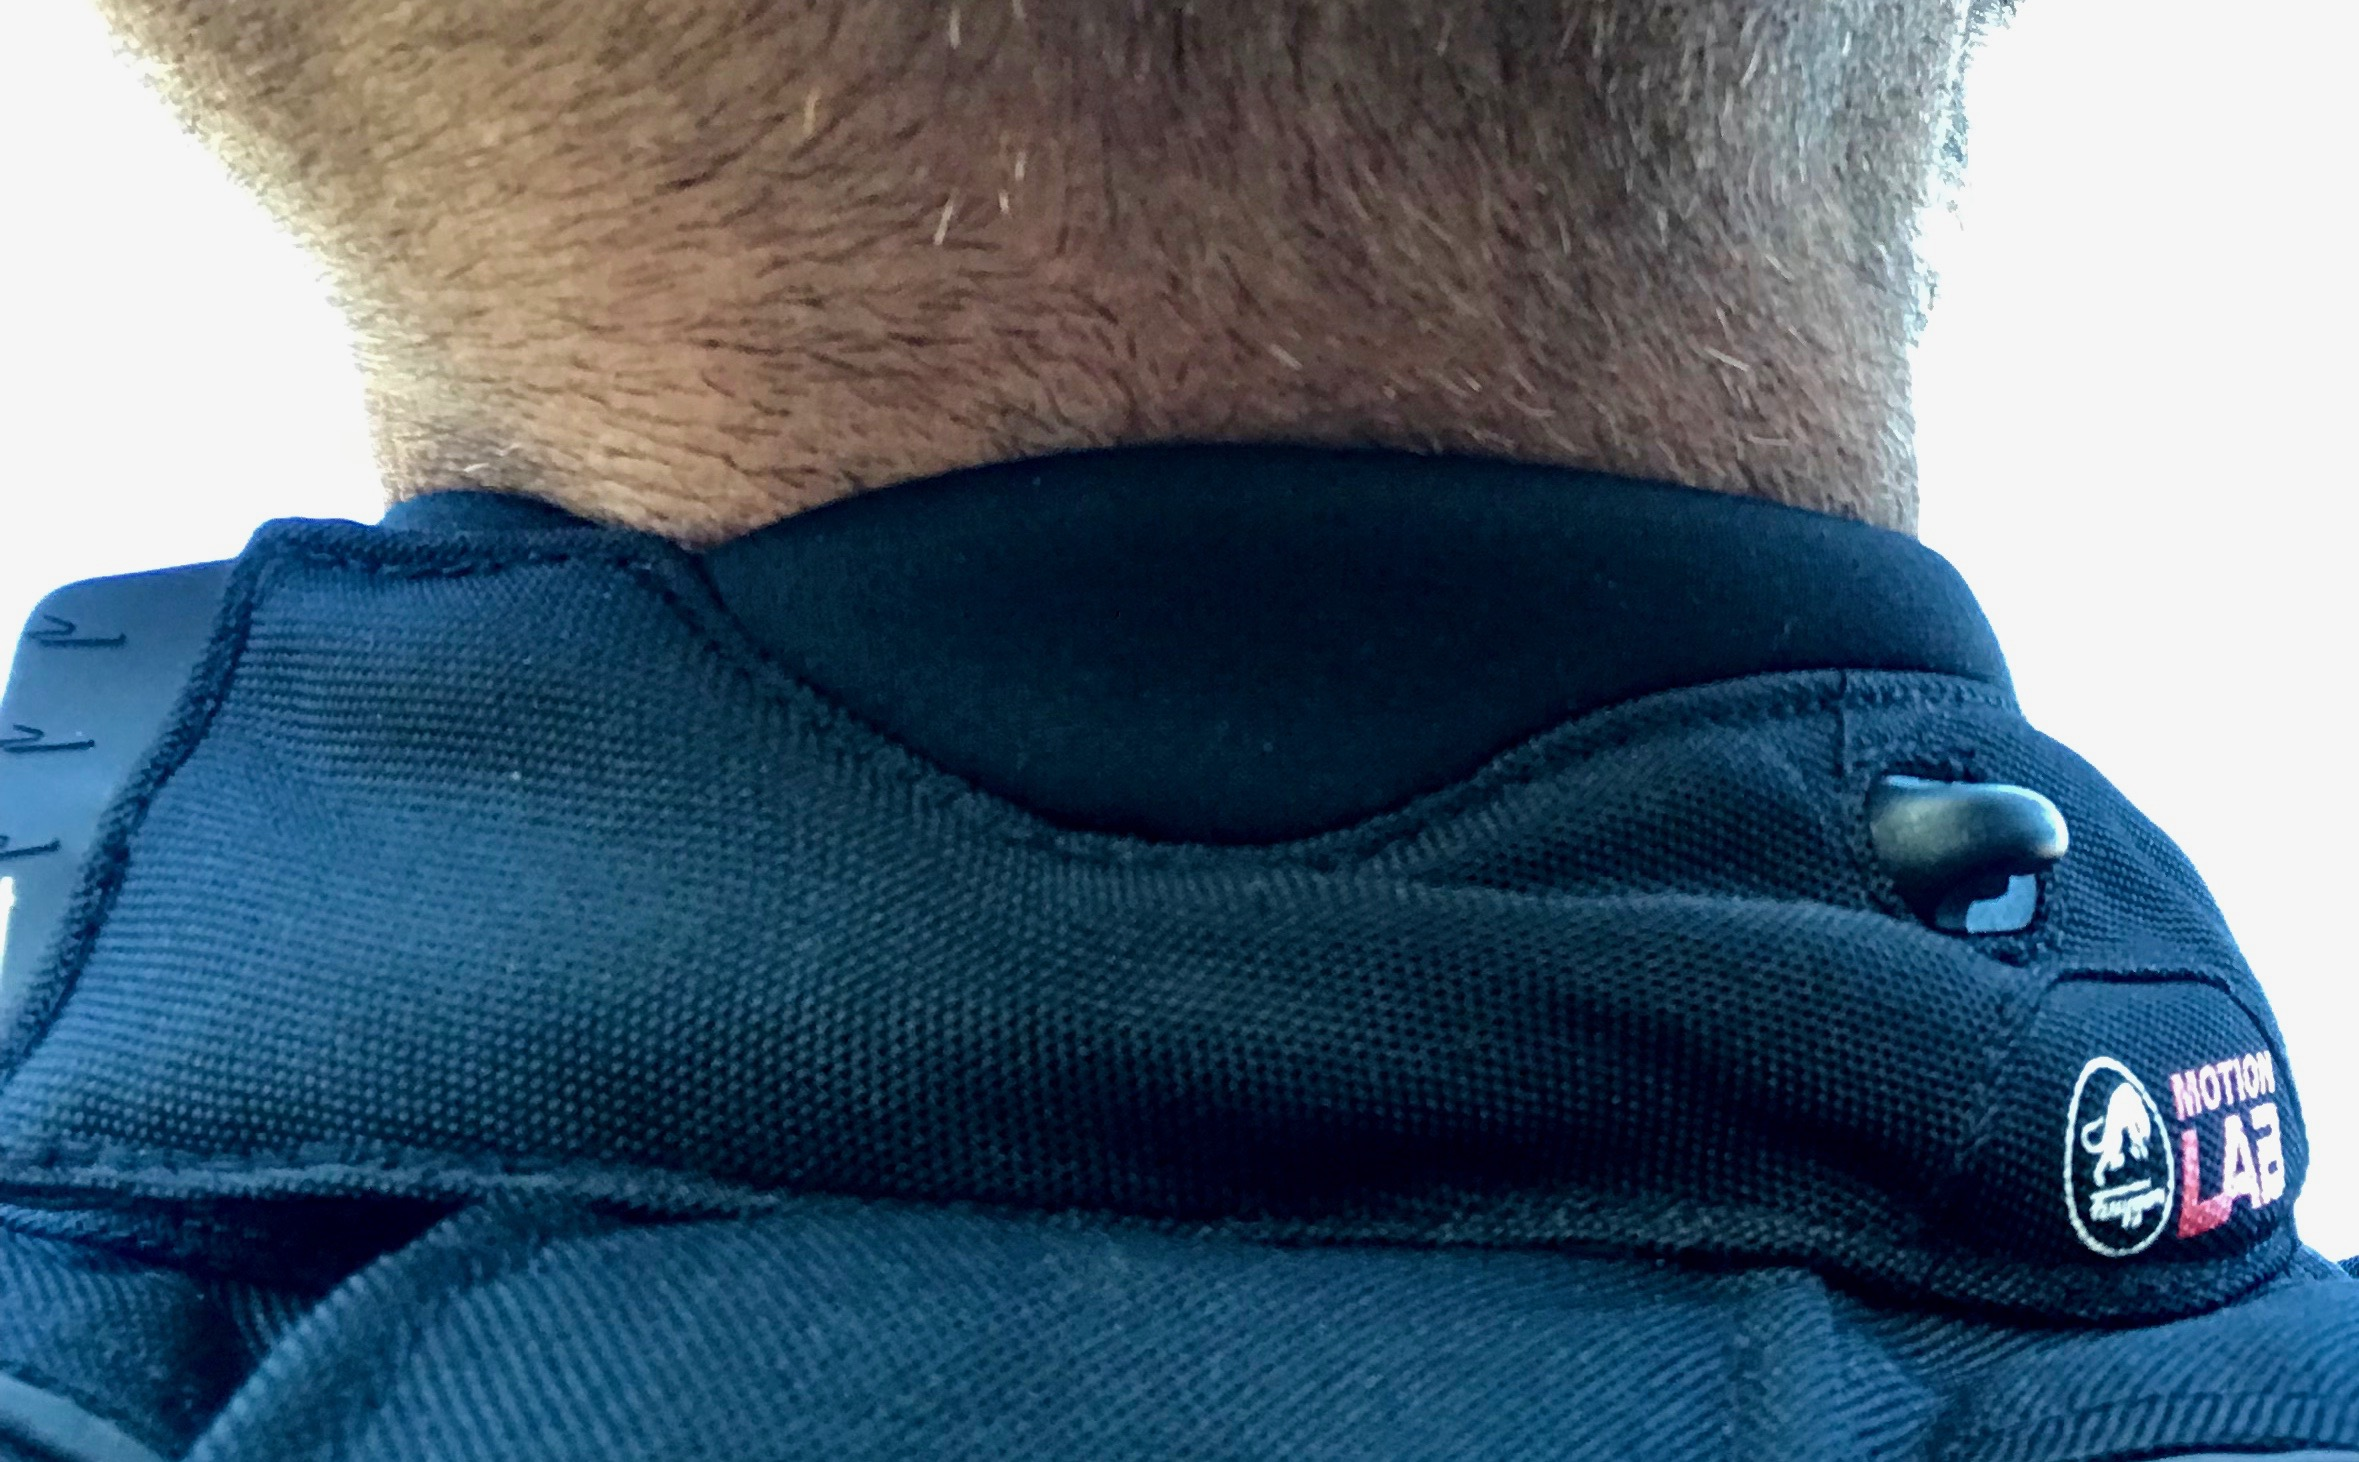 Detalles del collar, con inserción de neopreno